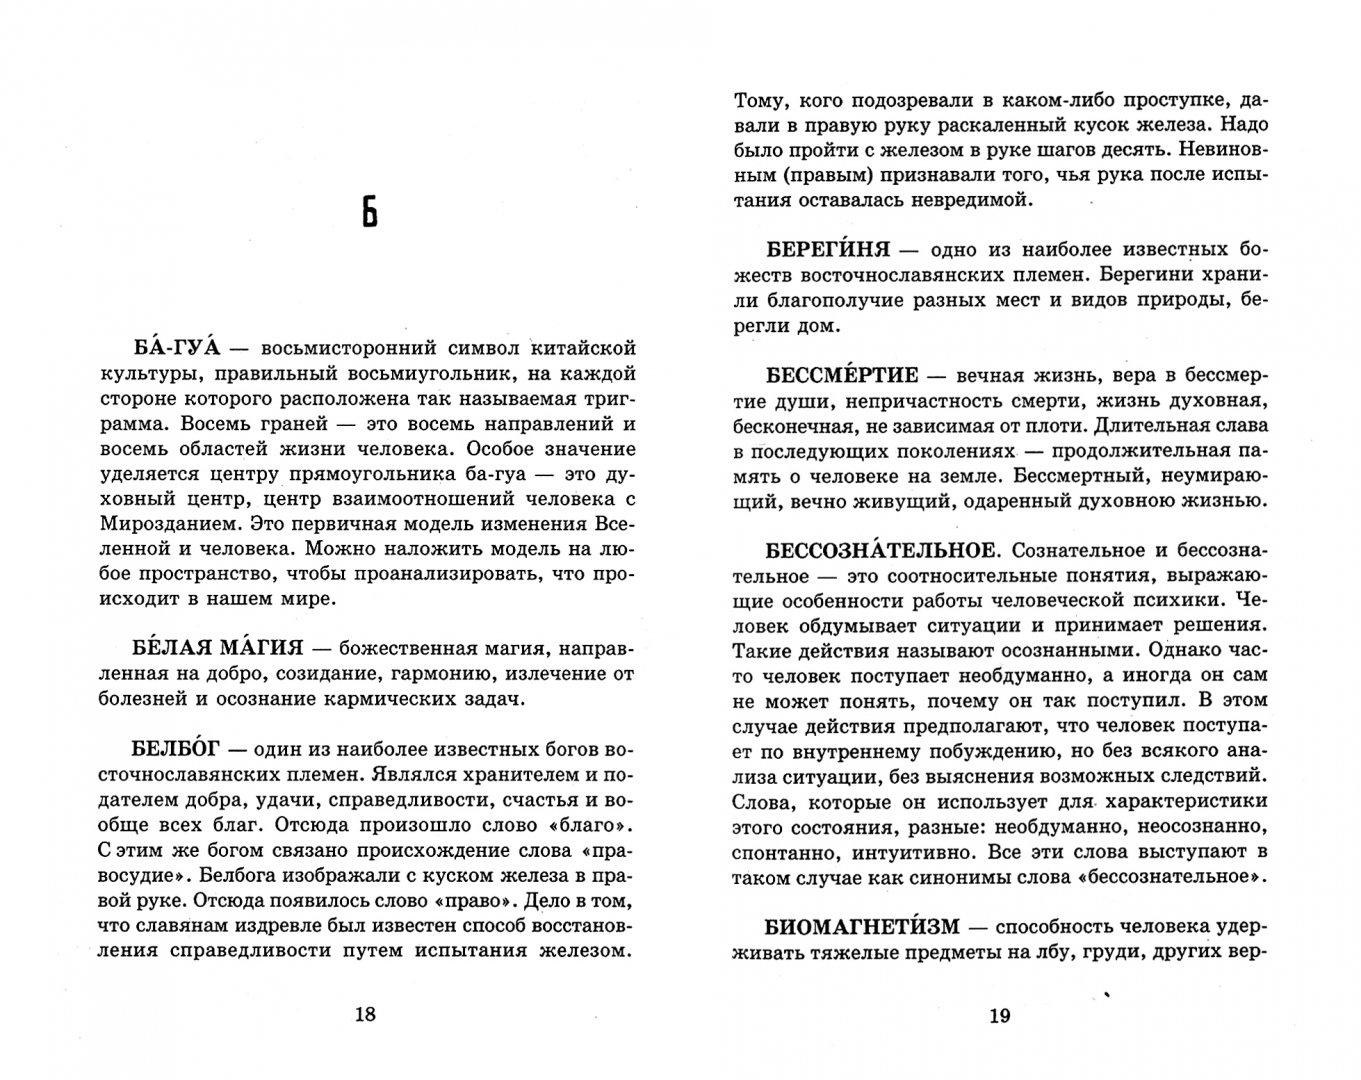 Иллюстрация 1 из 19 для Эзотерический словарь от А до Я - Михаил Бубличенко   Лабиринт - книги. Источник: Лабиринт